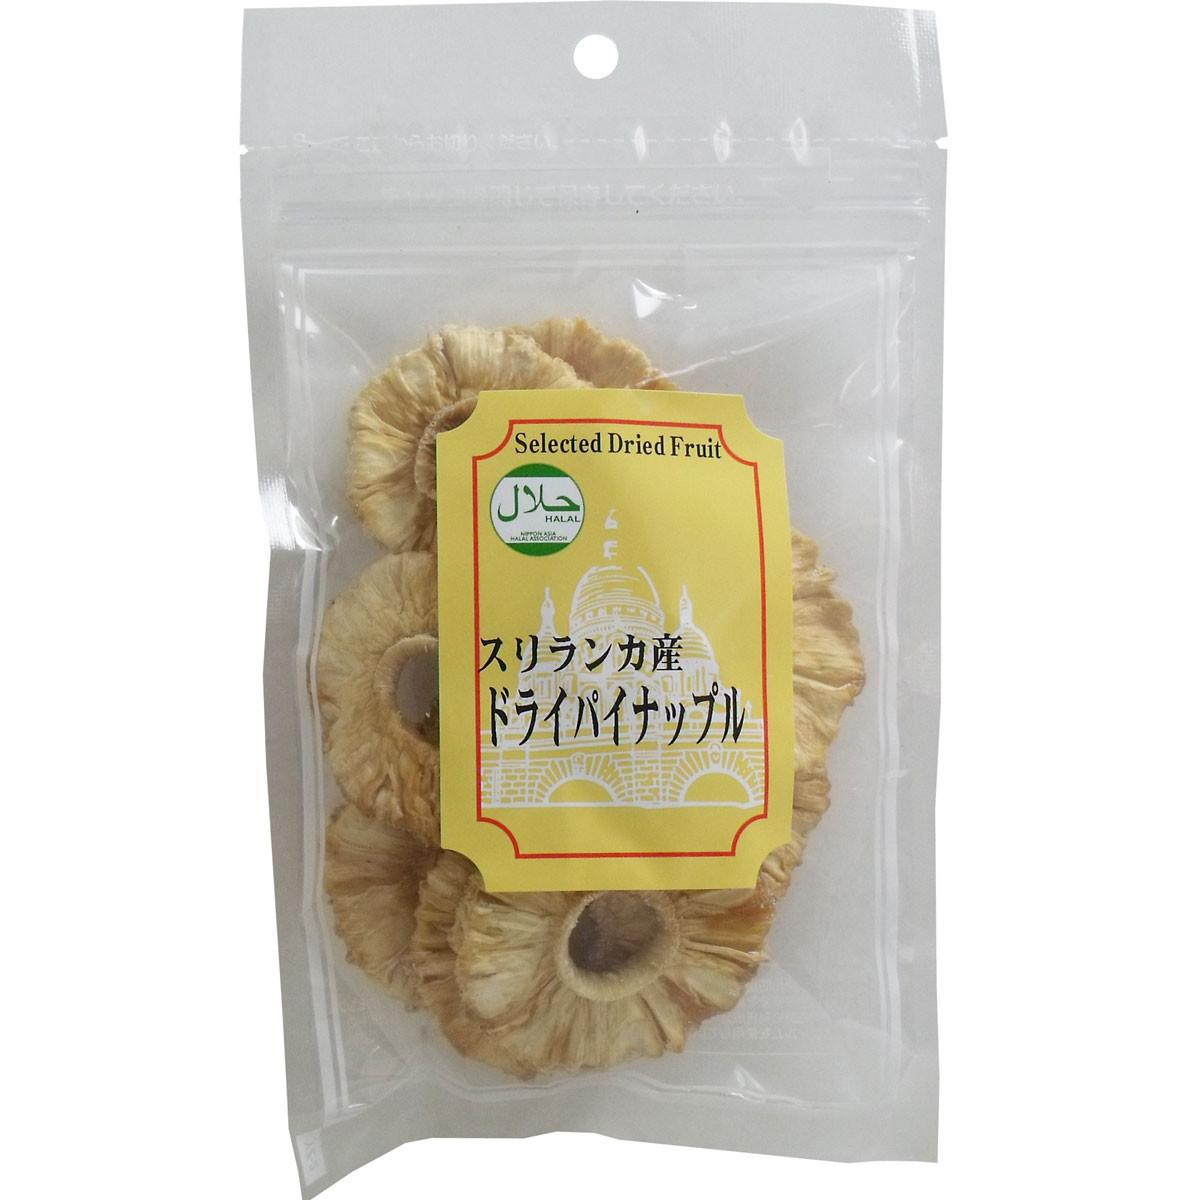 【BI】 ドライフルーツ パイナップル 50g ドライパイン 無添加 砂糖不使用 ノンシュガー パイン 乾燥パイン_画像2